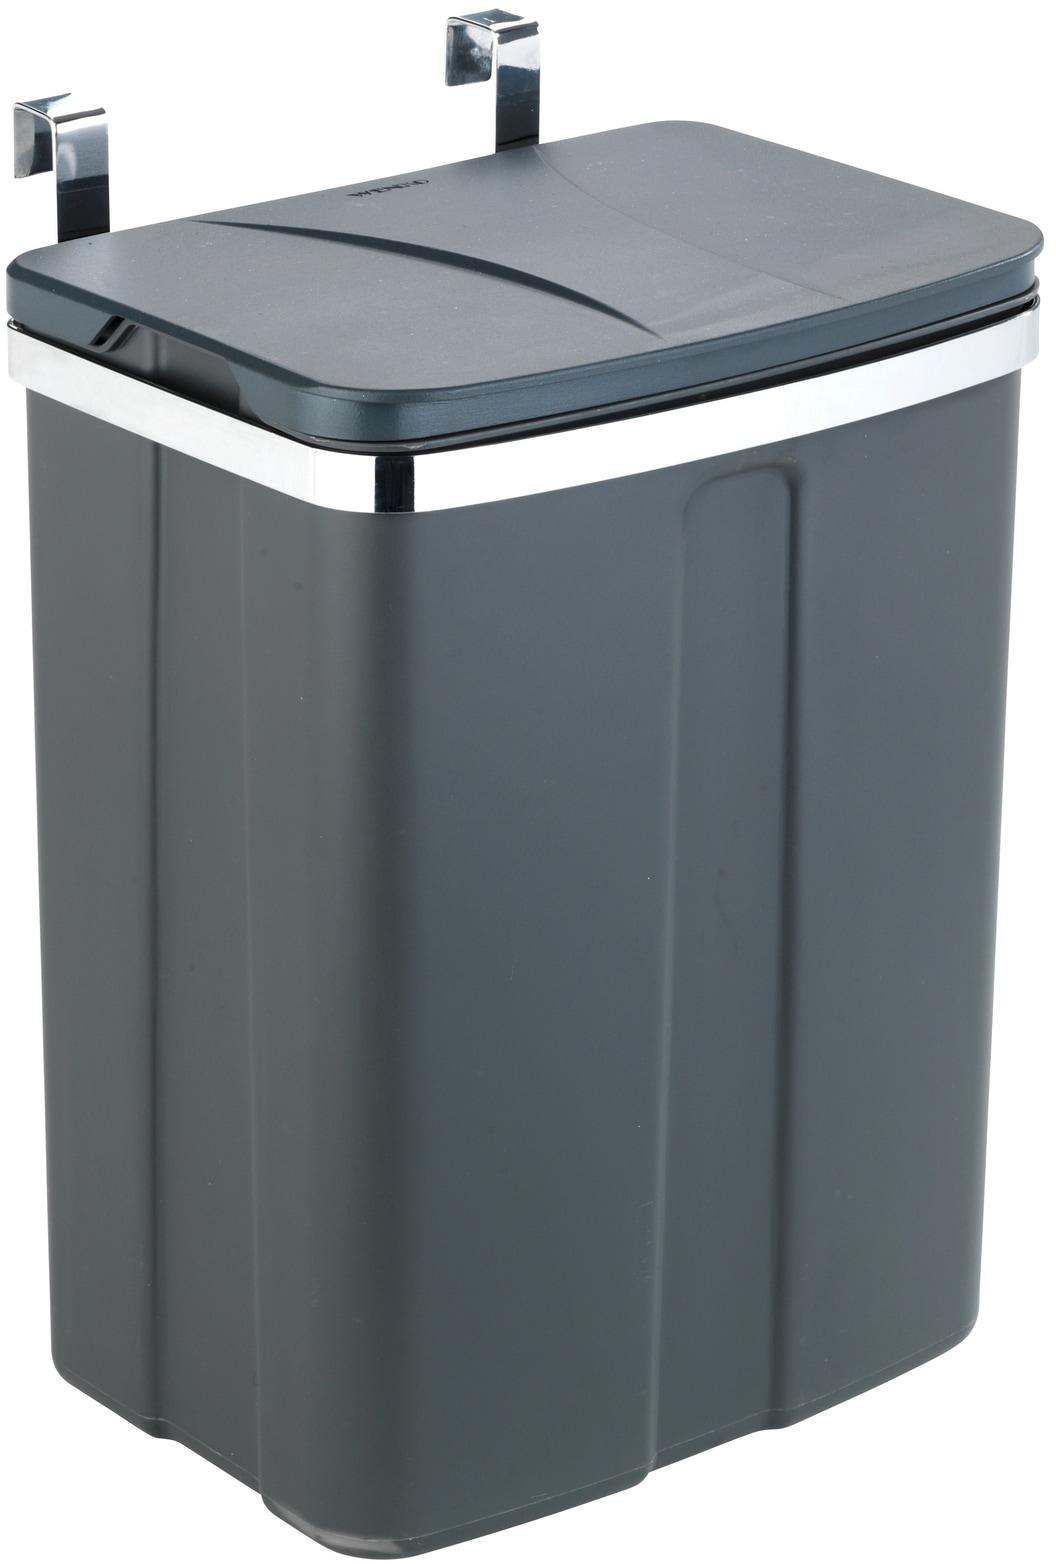 WENKO Mülleimer Wohnen/Haushalt/Haushaltswaren/Küchenhelfer/Mülleimer/Küchen-Mülleimer